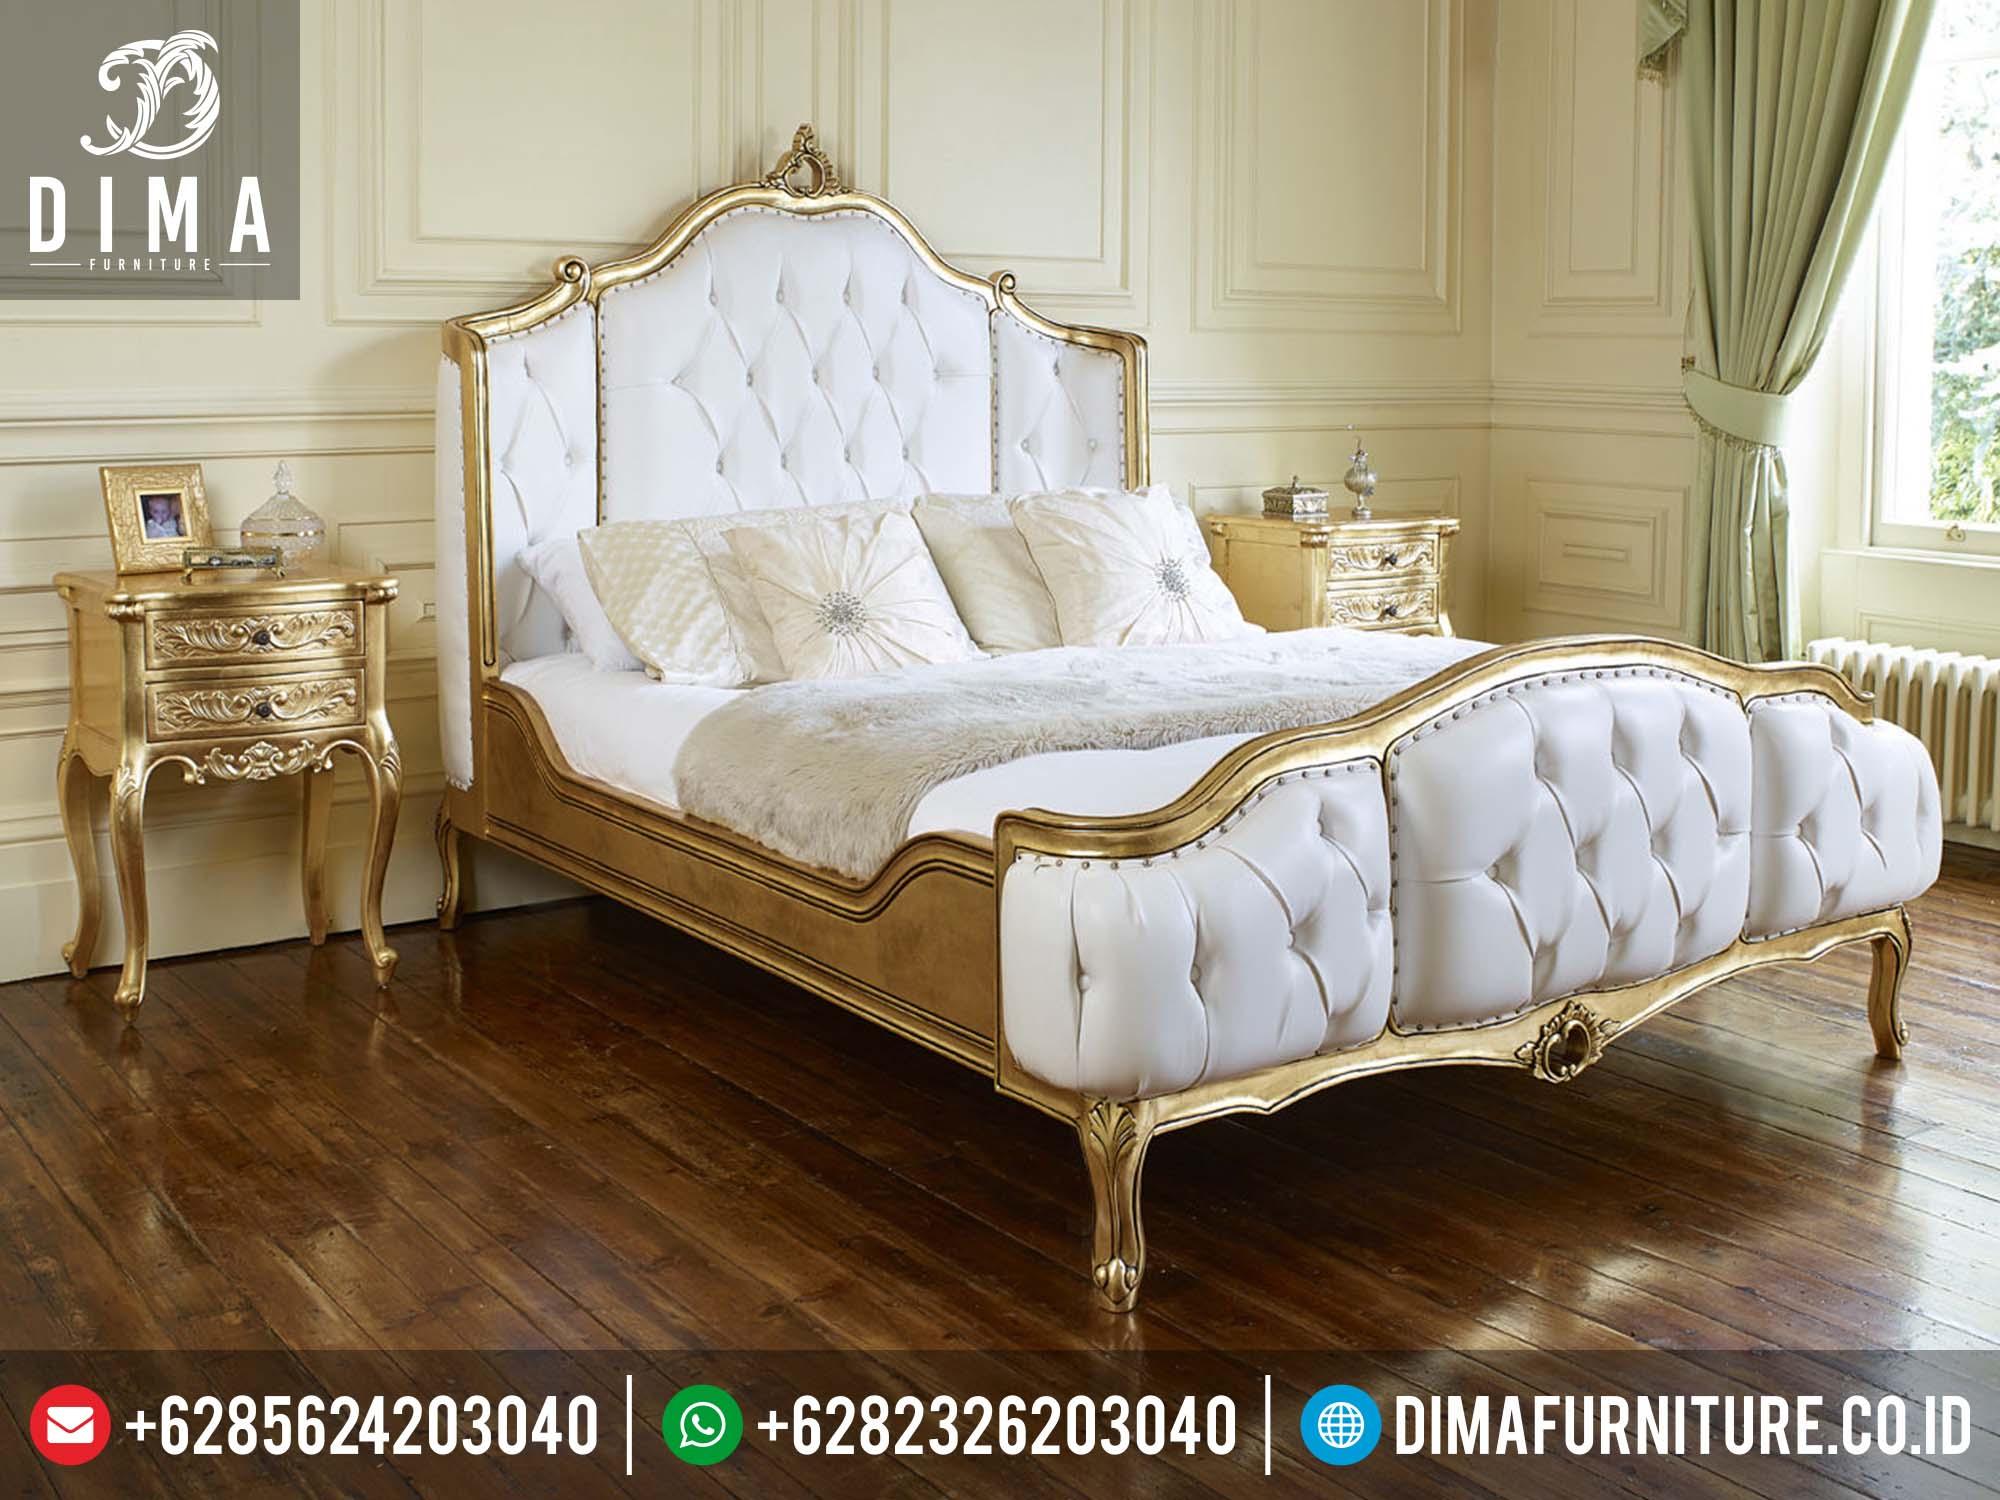 Tempat Tidur Minimalis Terbaru, Kamar Set Minimalis Jepara, Set Kamar Tidur Minimalis Murah DF-0131